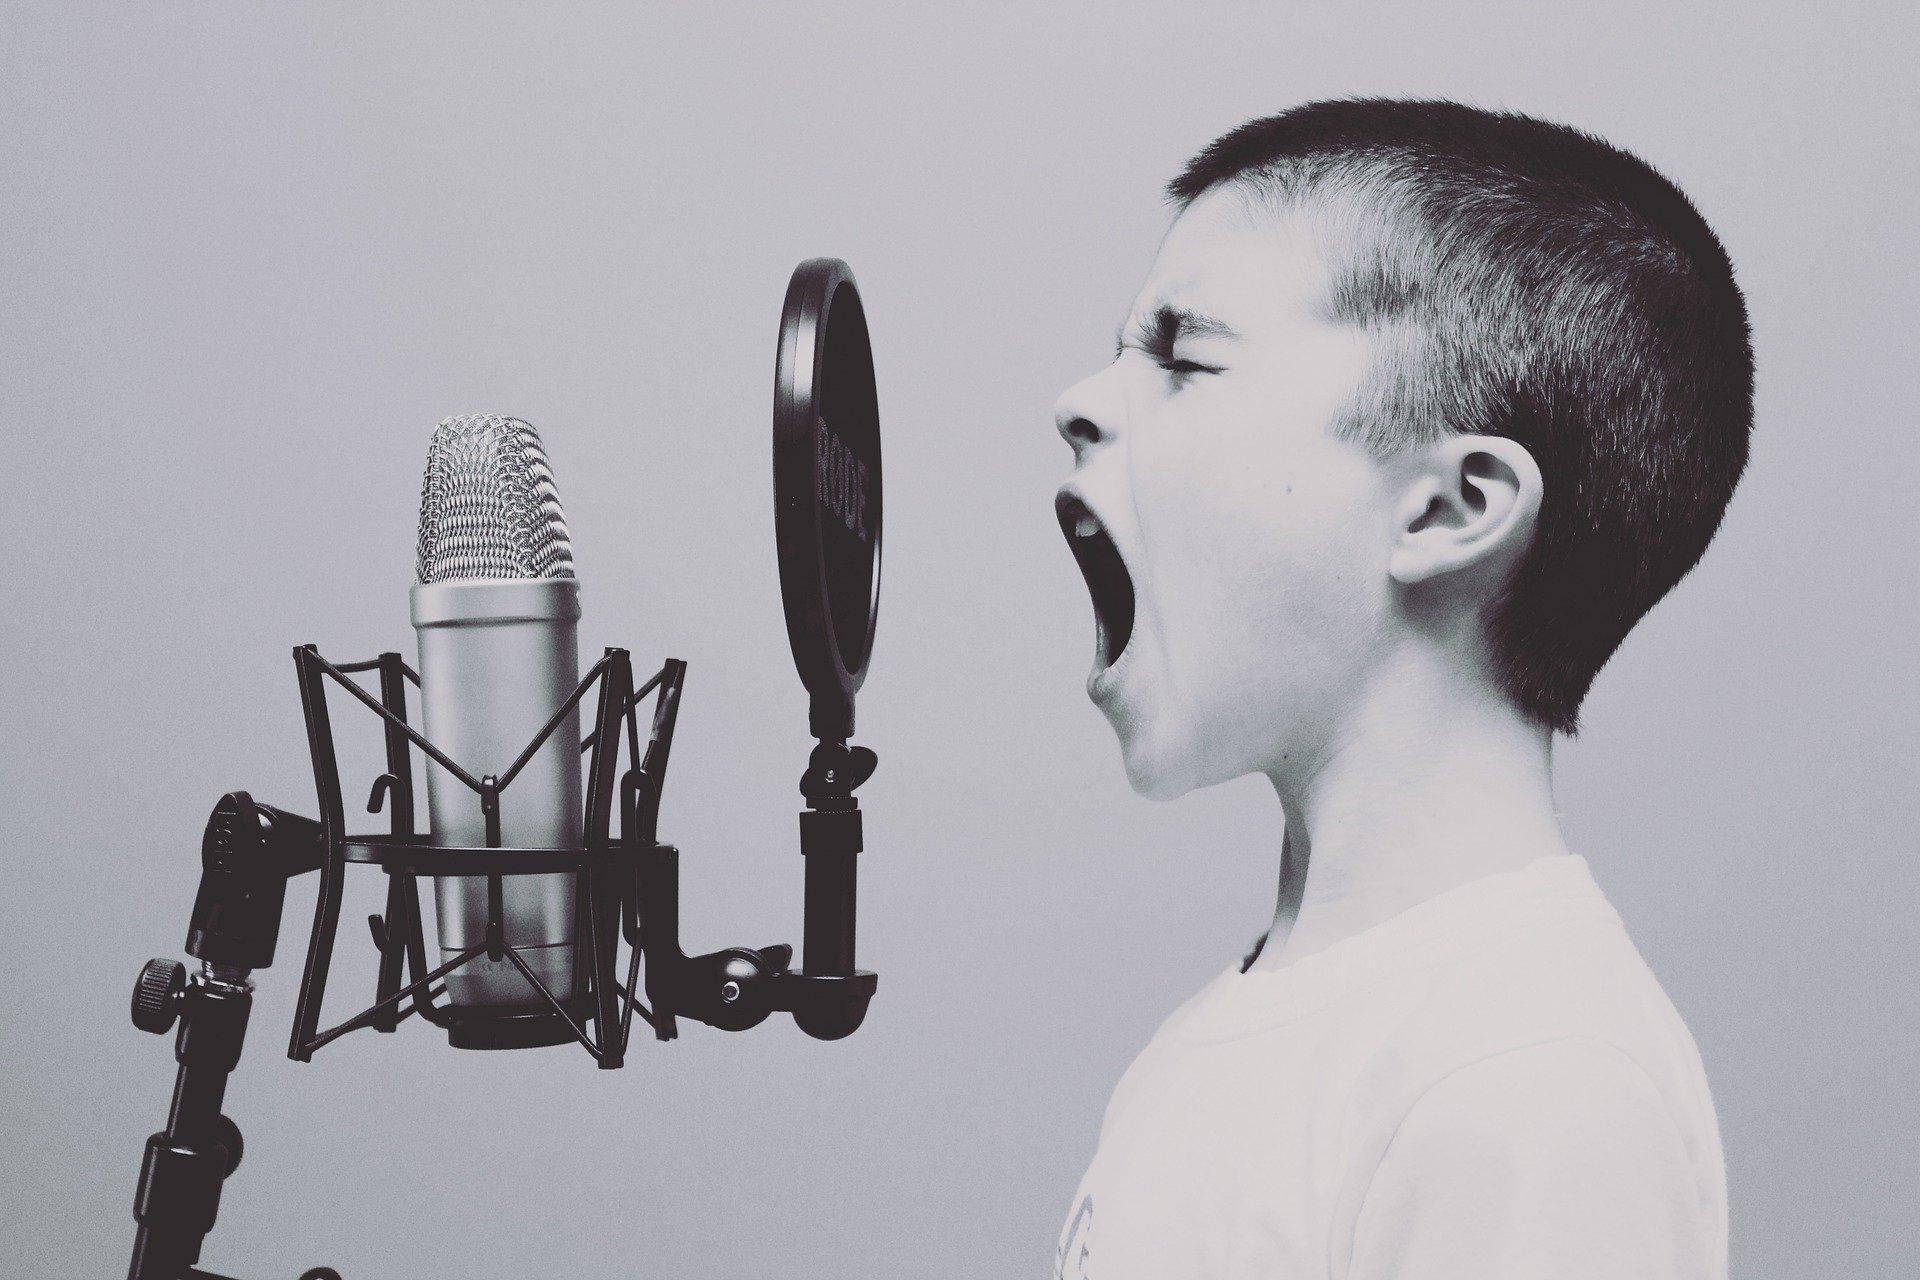 Παιδί: 24 δραστηριότητες για να αξιοποιήσετε το χρόνο σας στο σπίτι